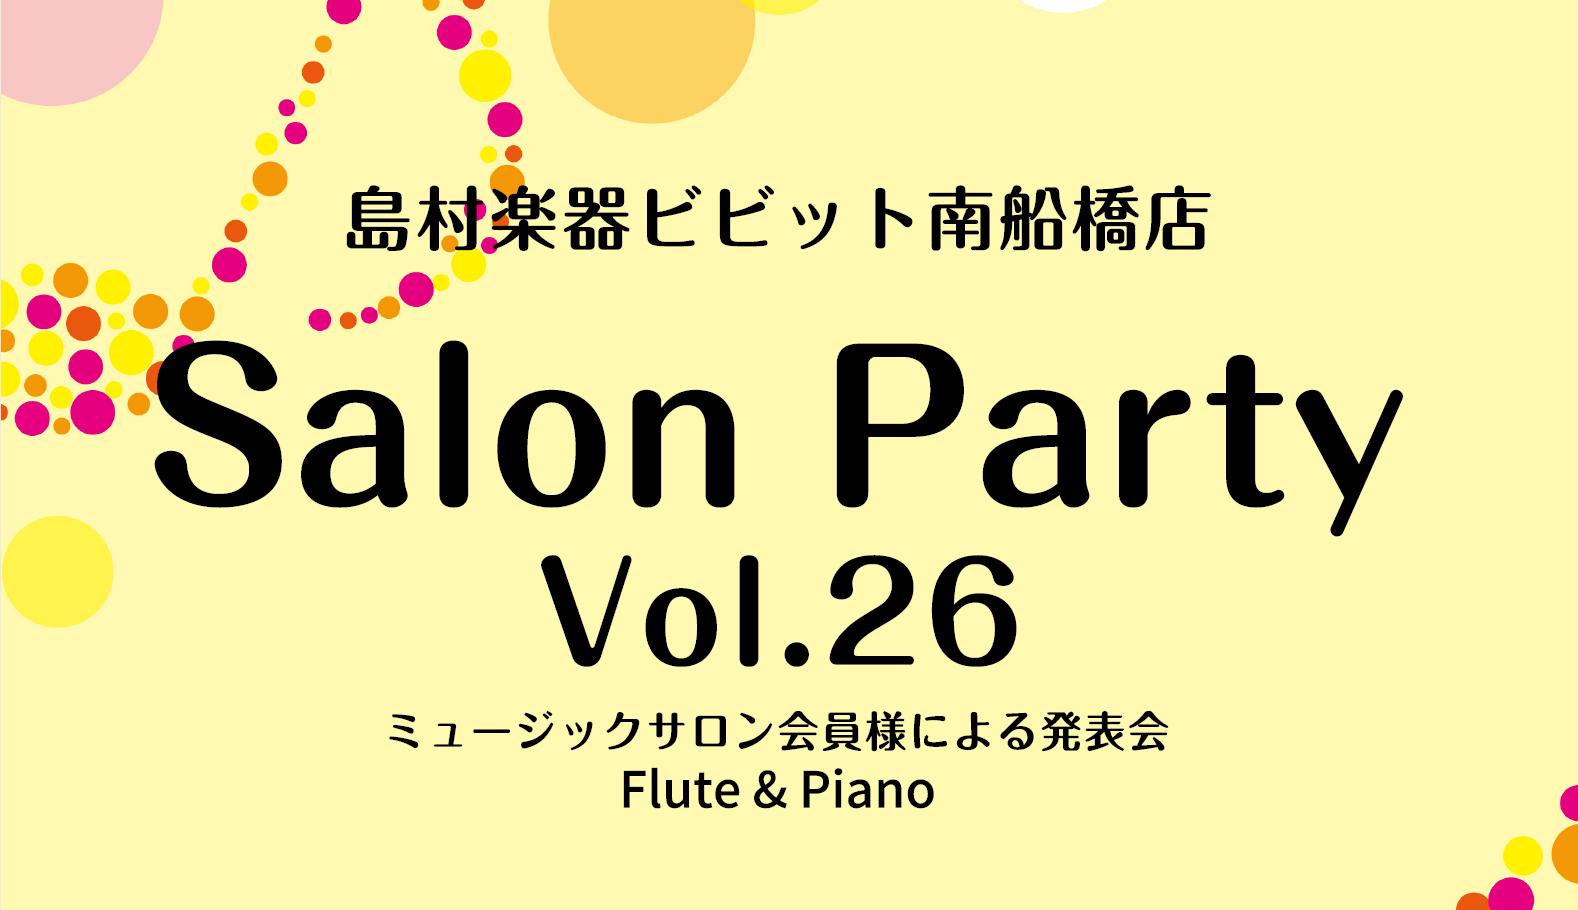 島村楽器 南船橋 大人 イベント 発表会 サロンパーティー